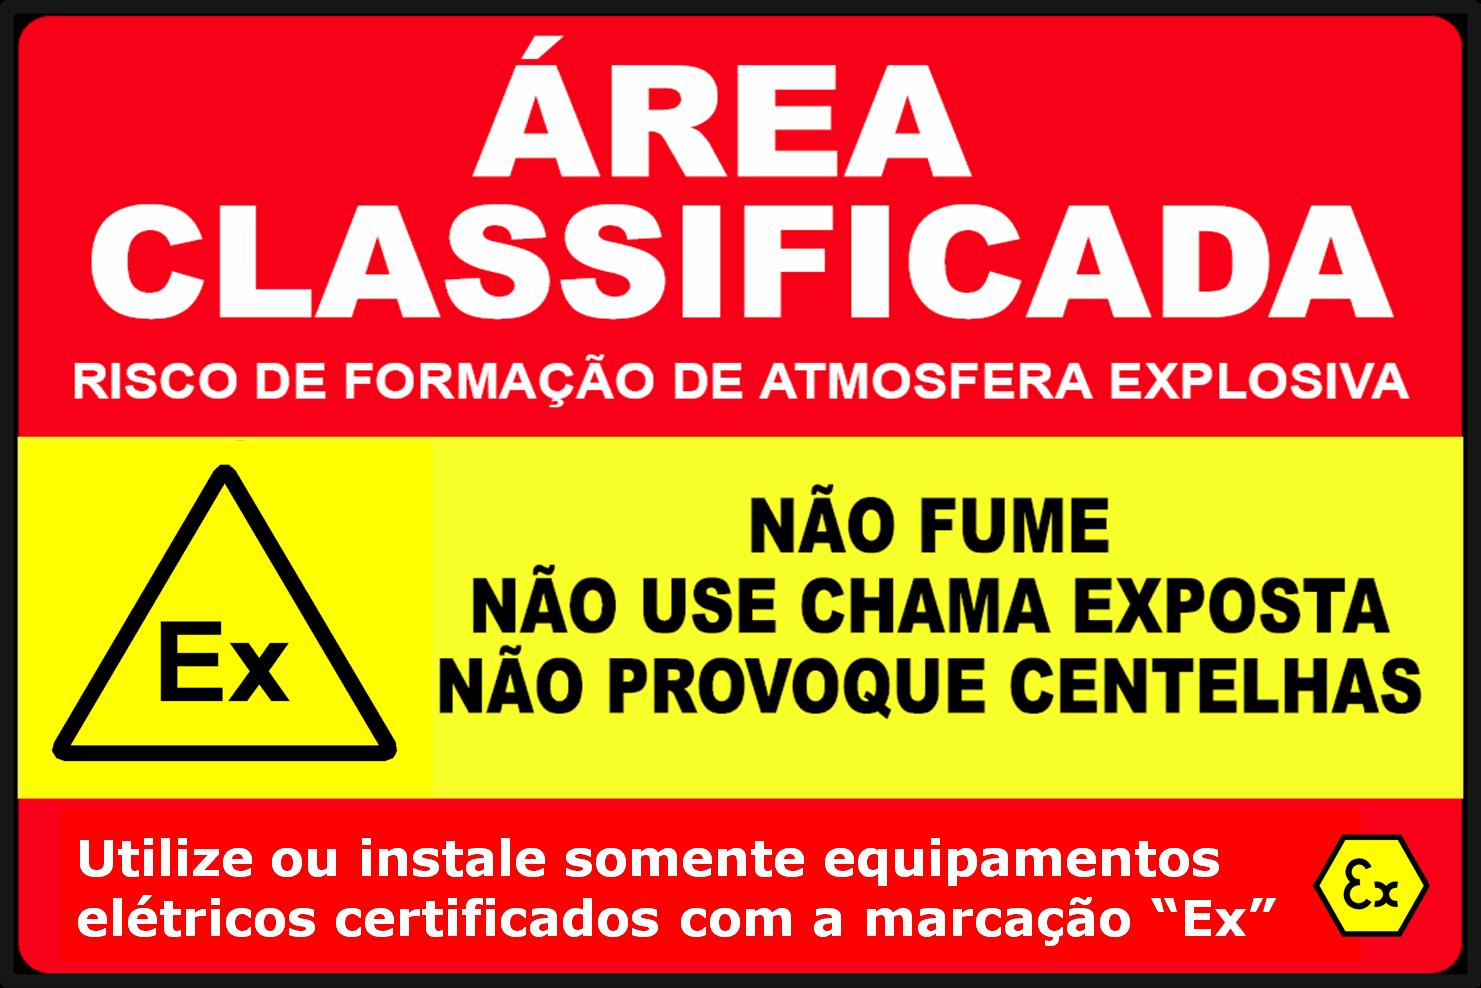 Placa de sinalização de segurança para áreas classificadas contendo atmosferas explosivas